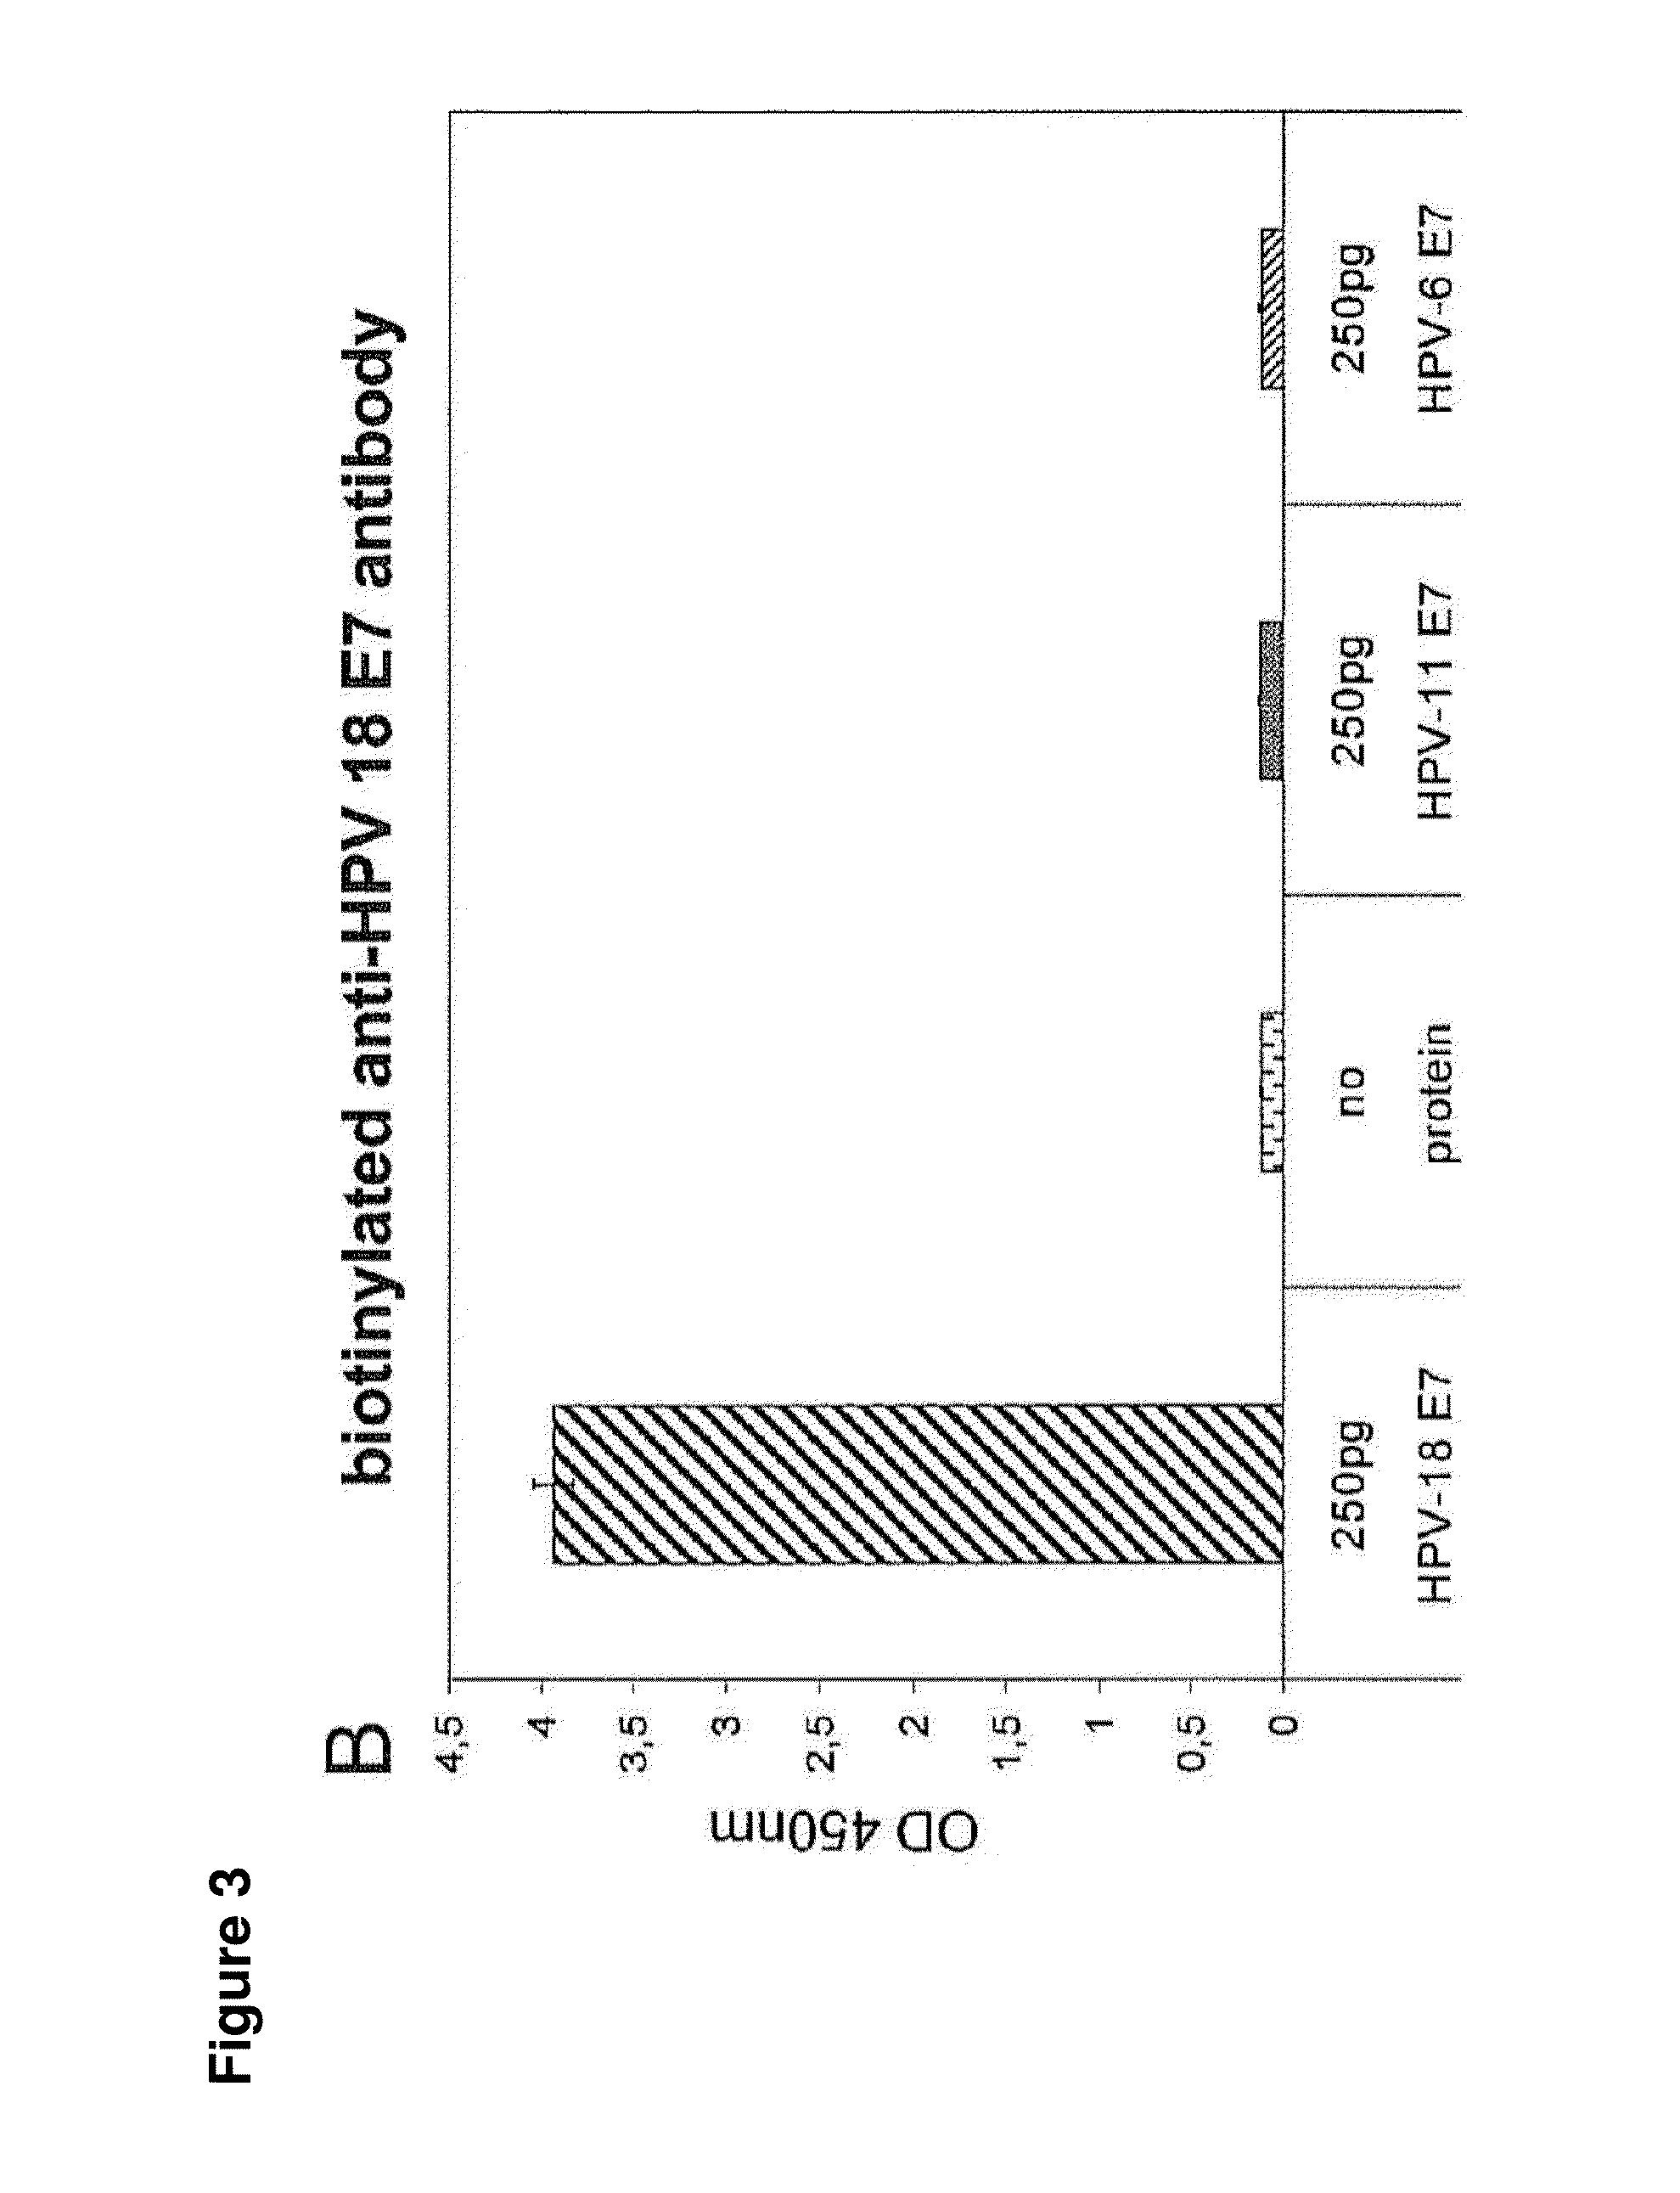 tratament homeopat papiloma virus